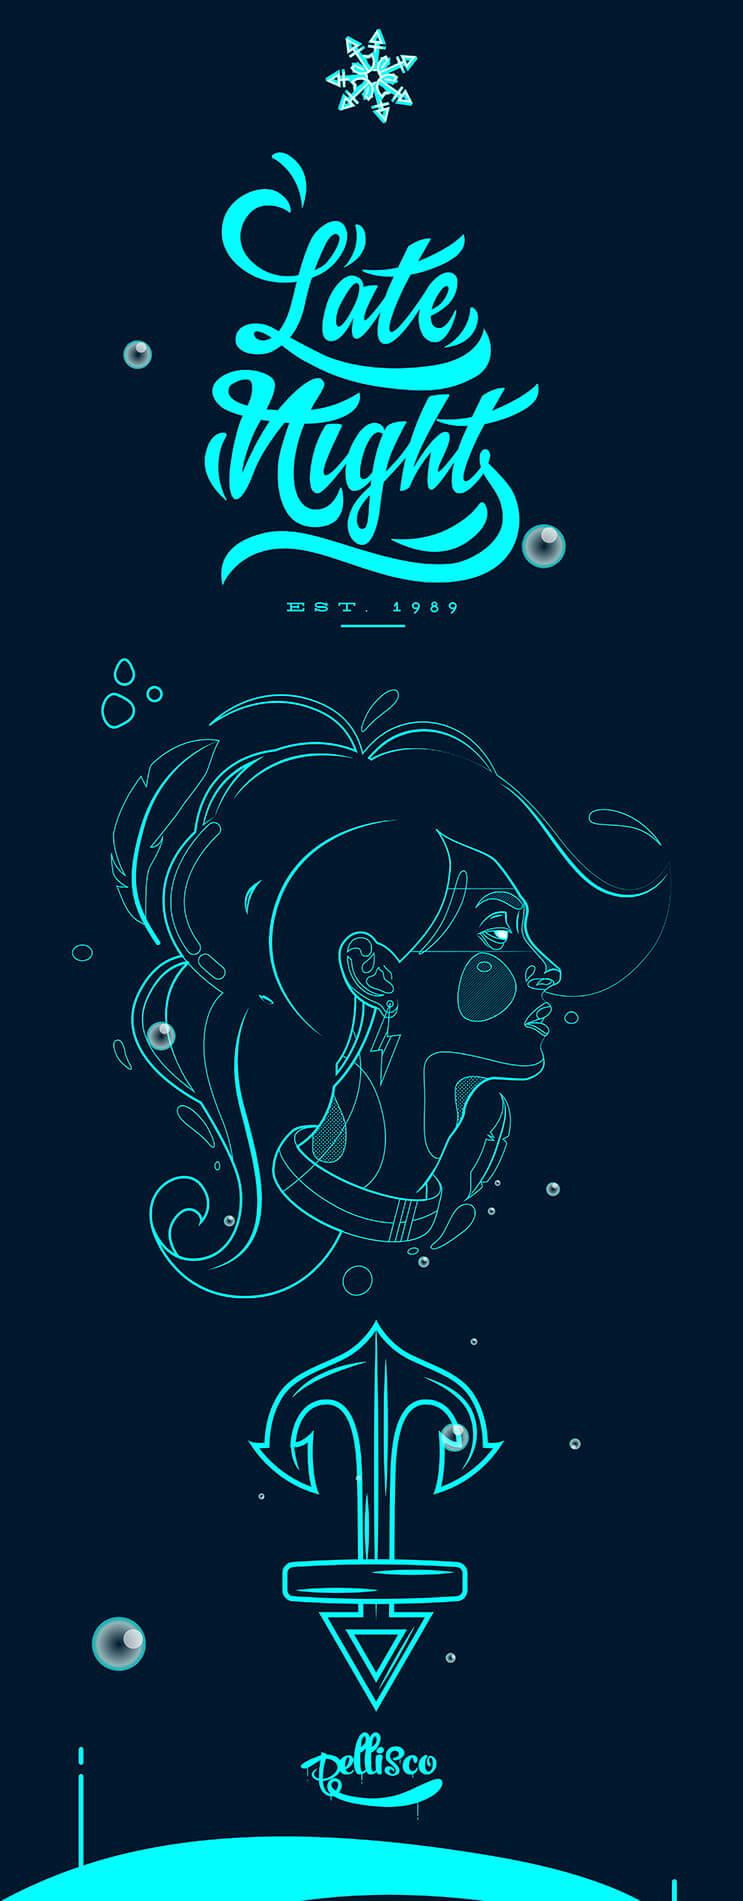 el-arte-de-dibujar-letras-por-el-colombiano-pellisco-14